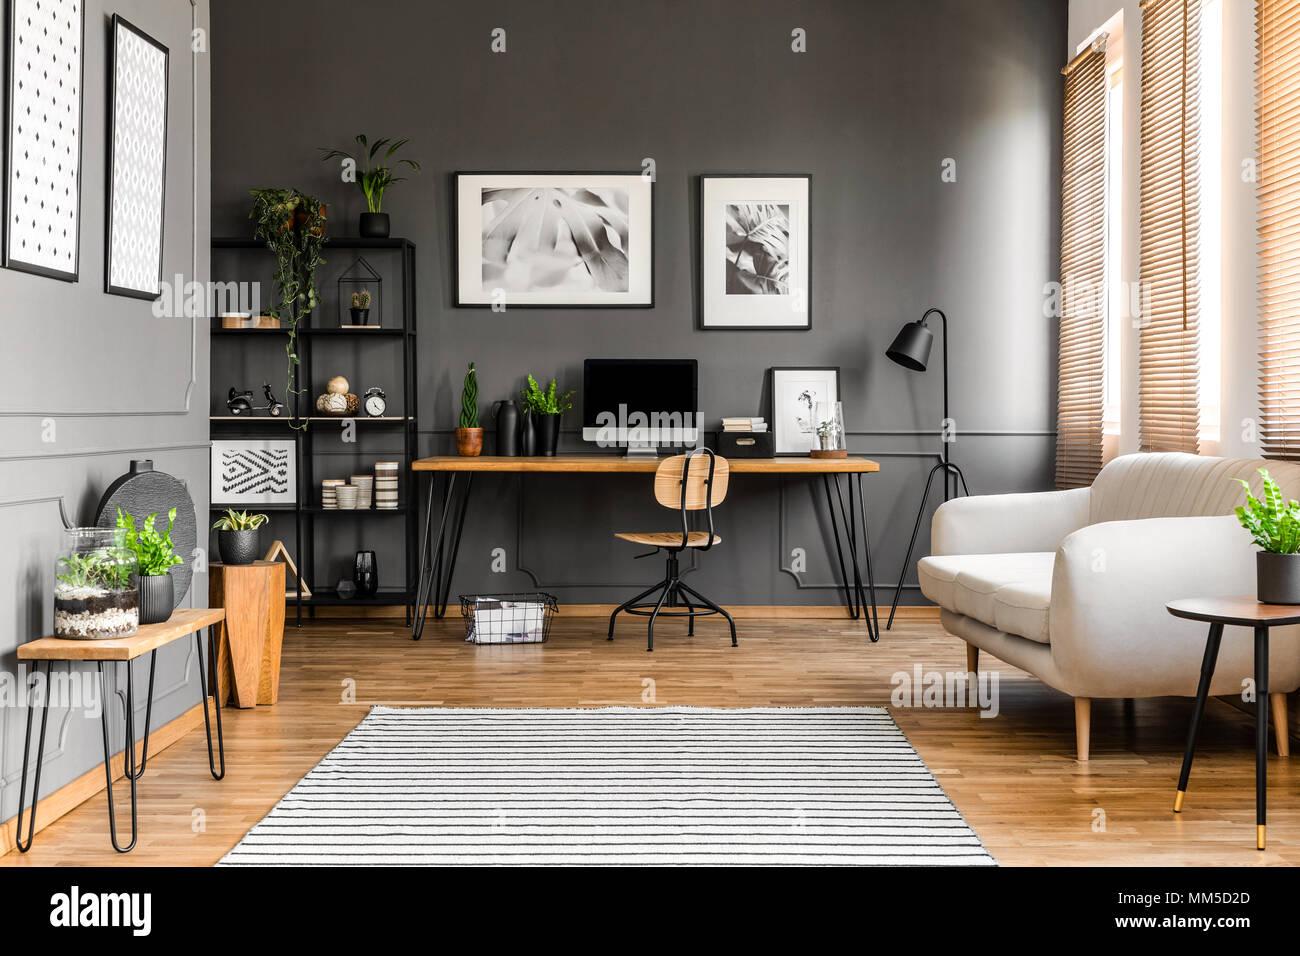 Lettino beige vicino alla scrivania di legno con il monitor di un computer in grigio del freelancer sala interna con poster e piante Immagini Stock